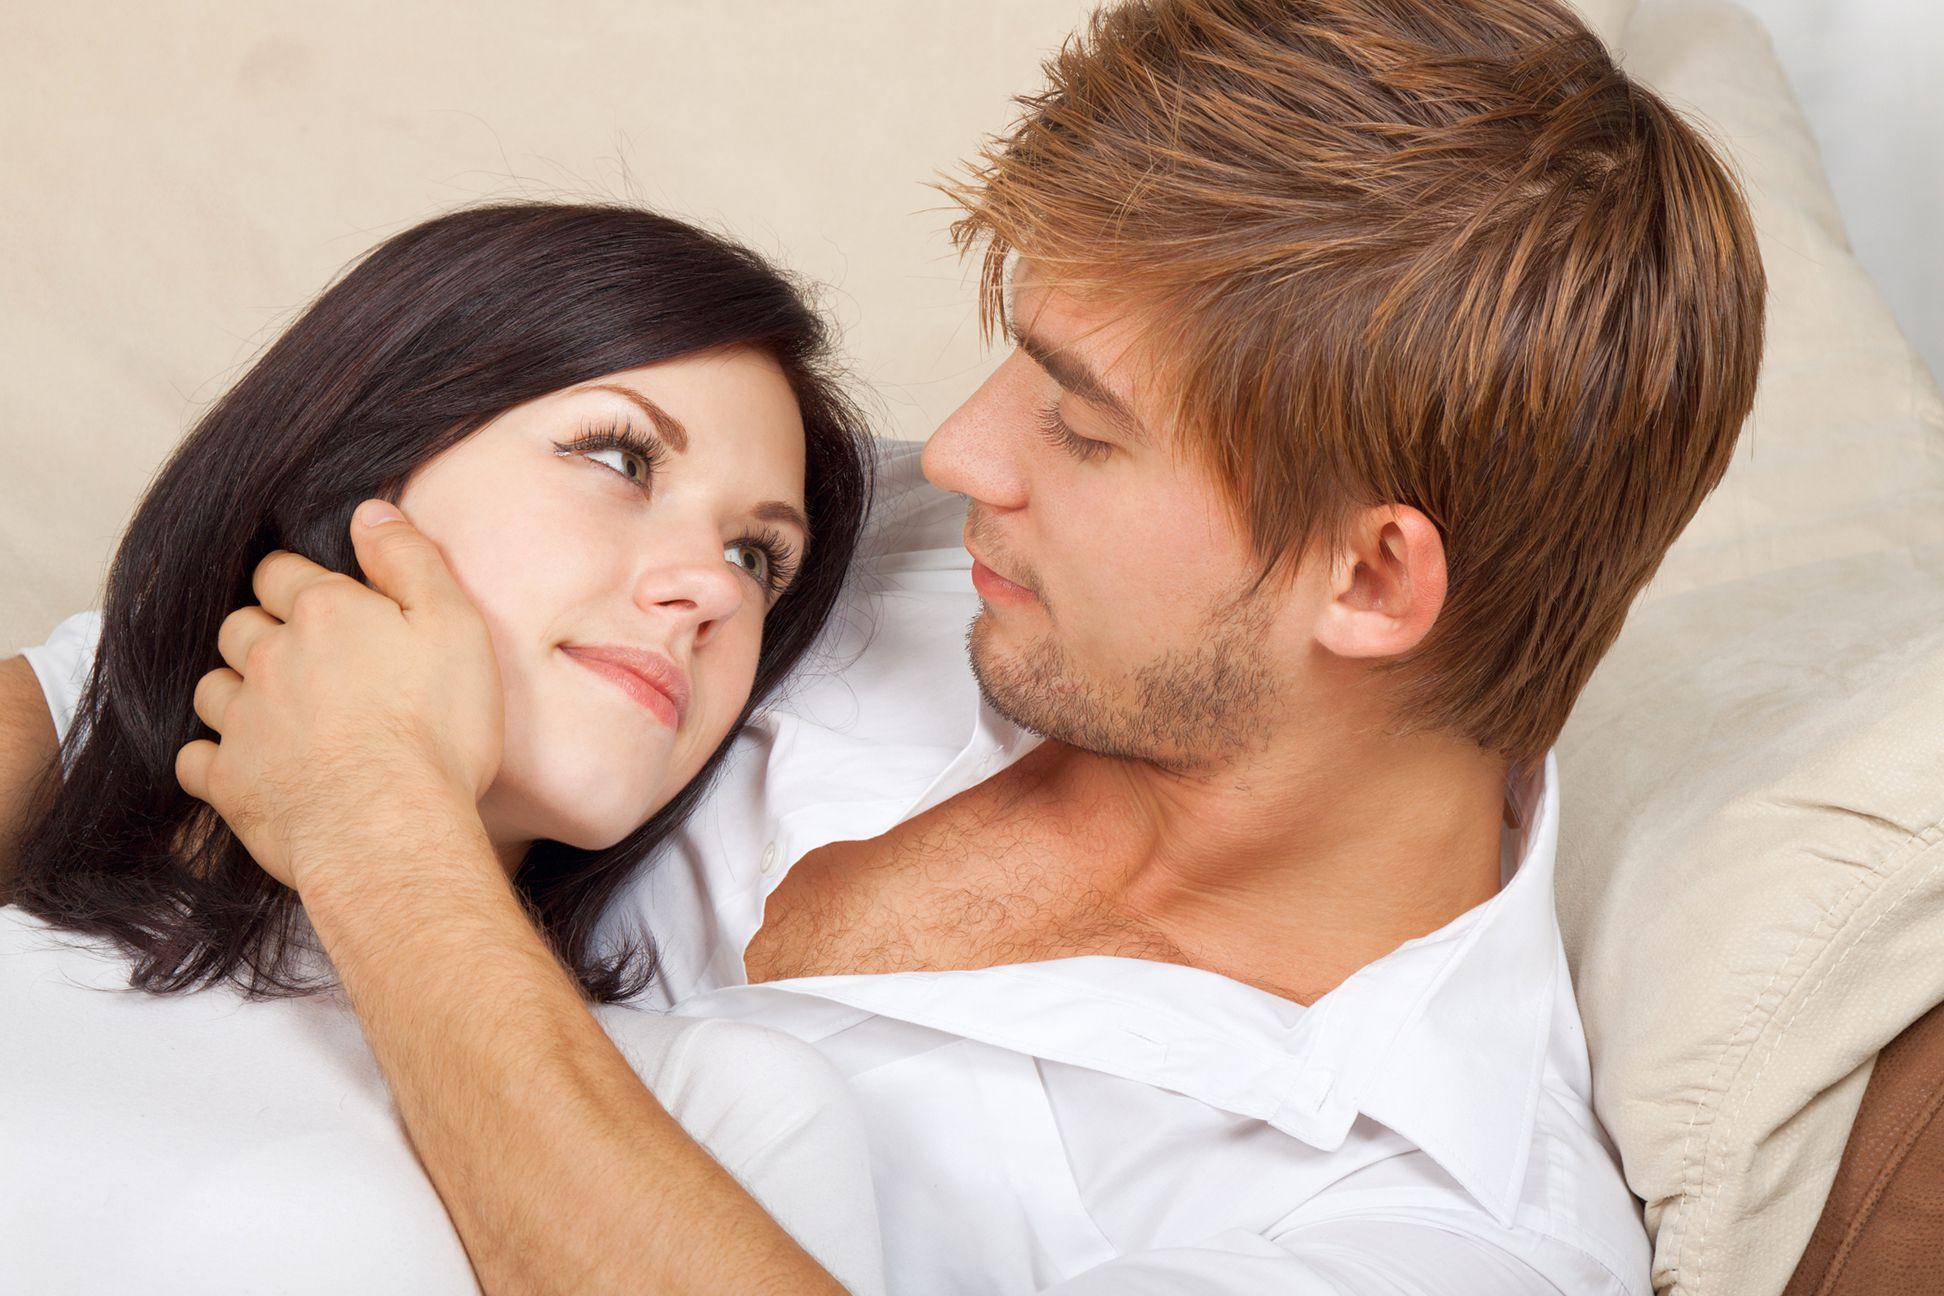 романтические вопросы для двоих, вопросы для пары на знание друг друга для двоих, какие вопросы сближают людей, что спросить у человека чтобы узнать его получше fdlx.com